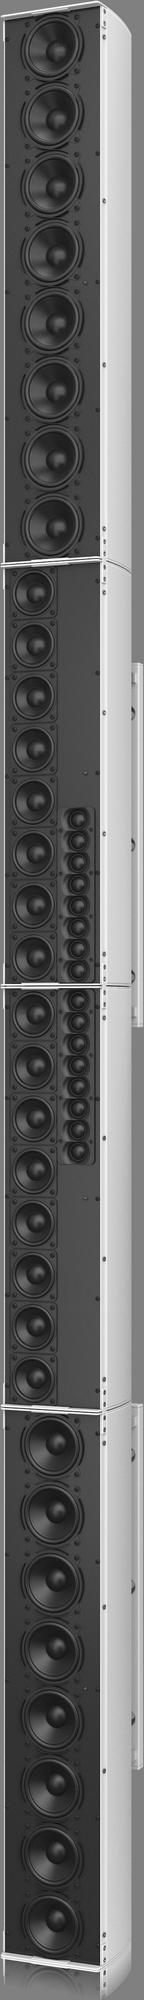 Tannoy  QFLEX 48-WP - Install speaker